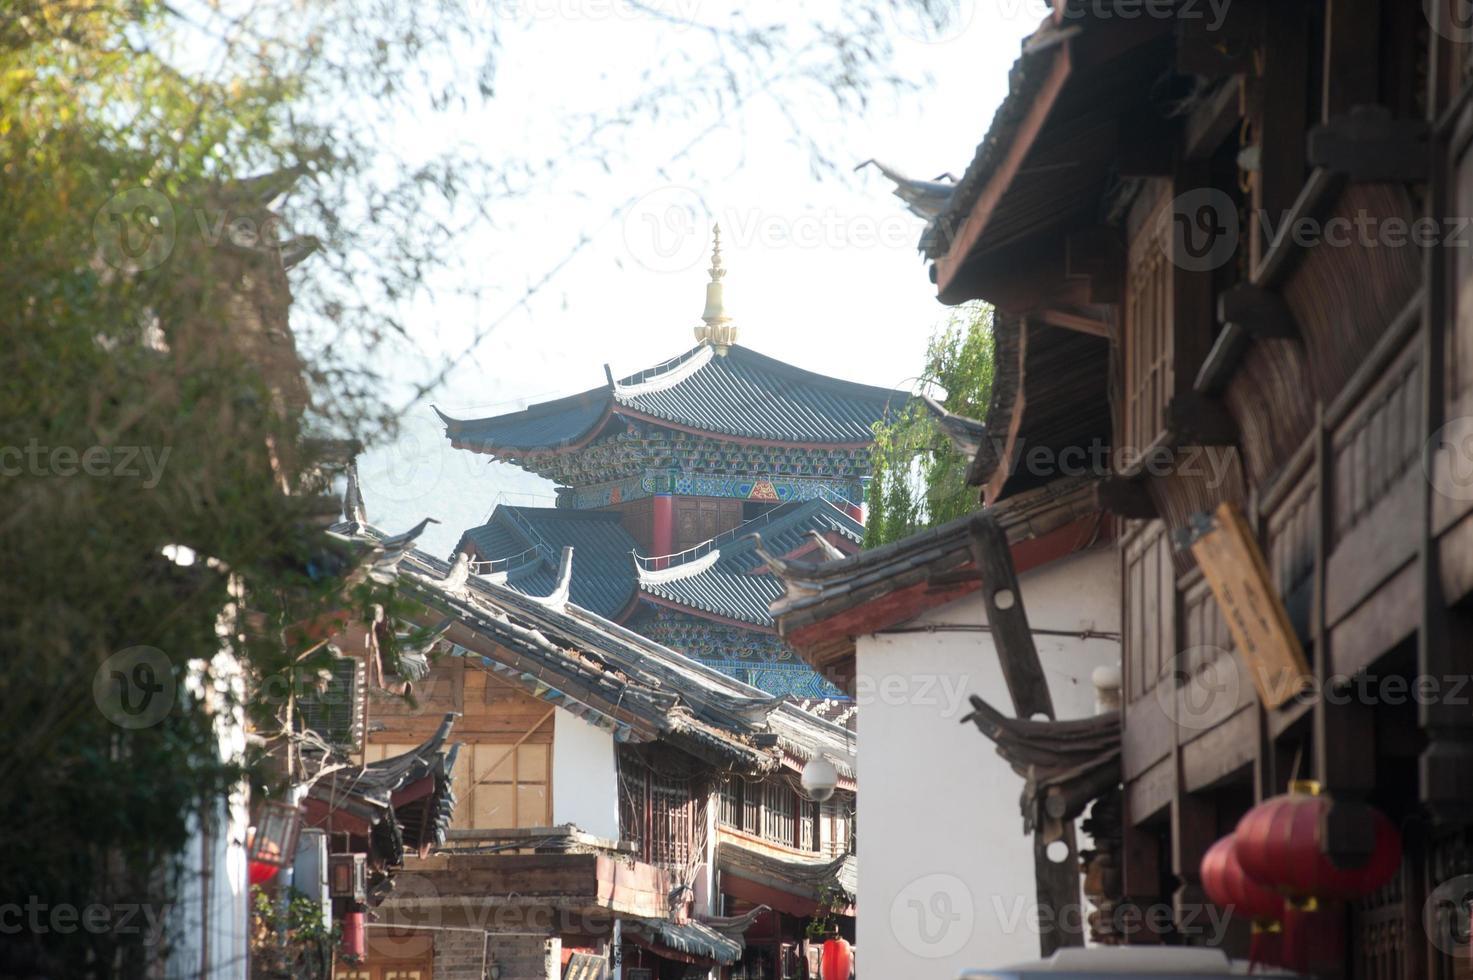 città storica di lijiang, patrimonio mondiale dell'UNESCO. foto